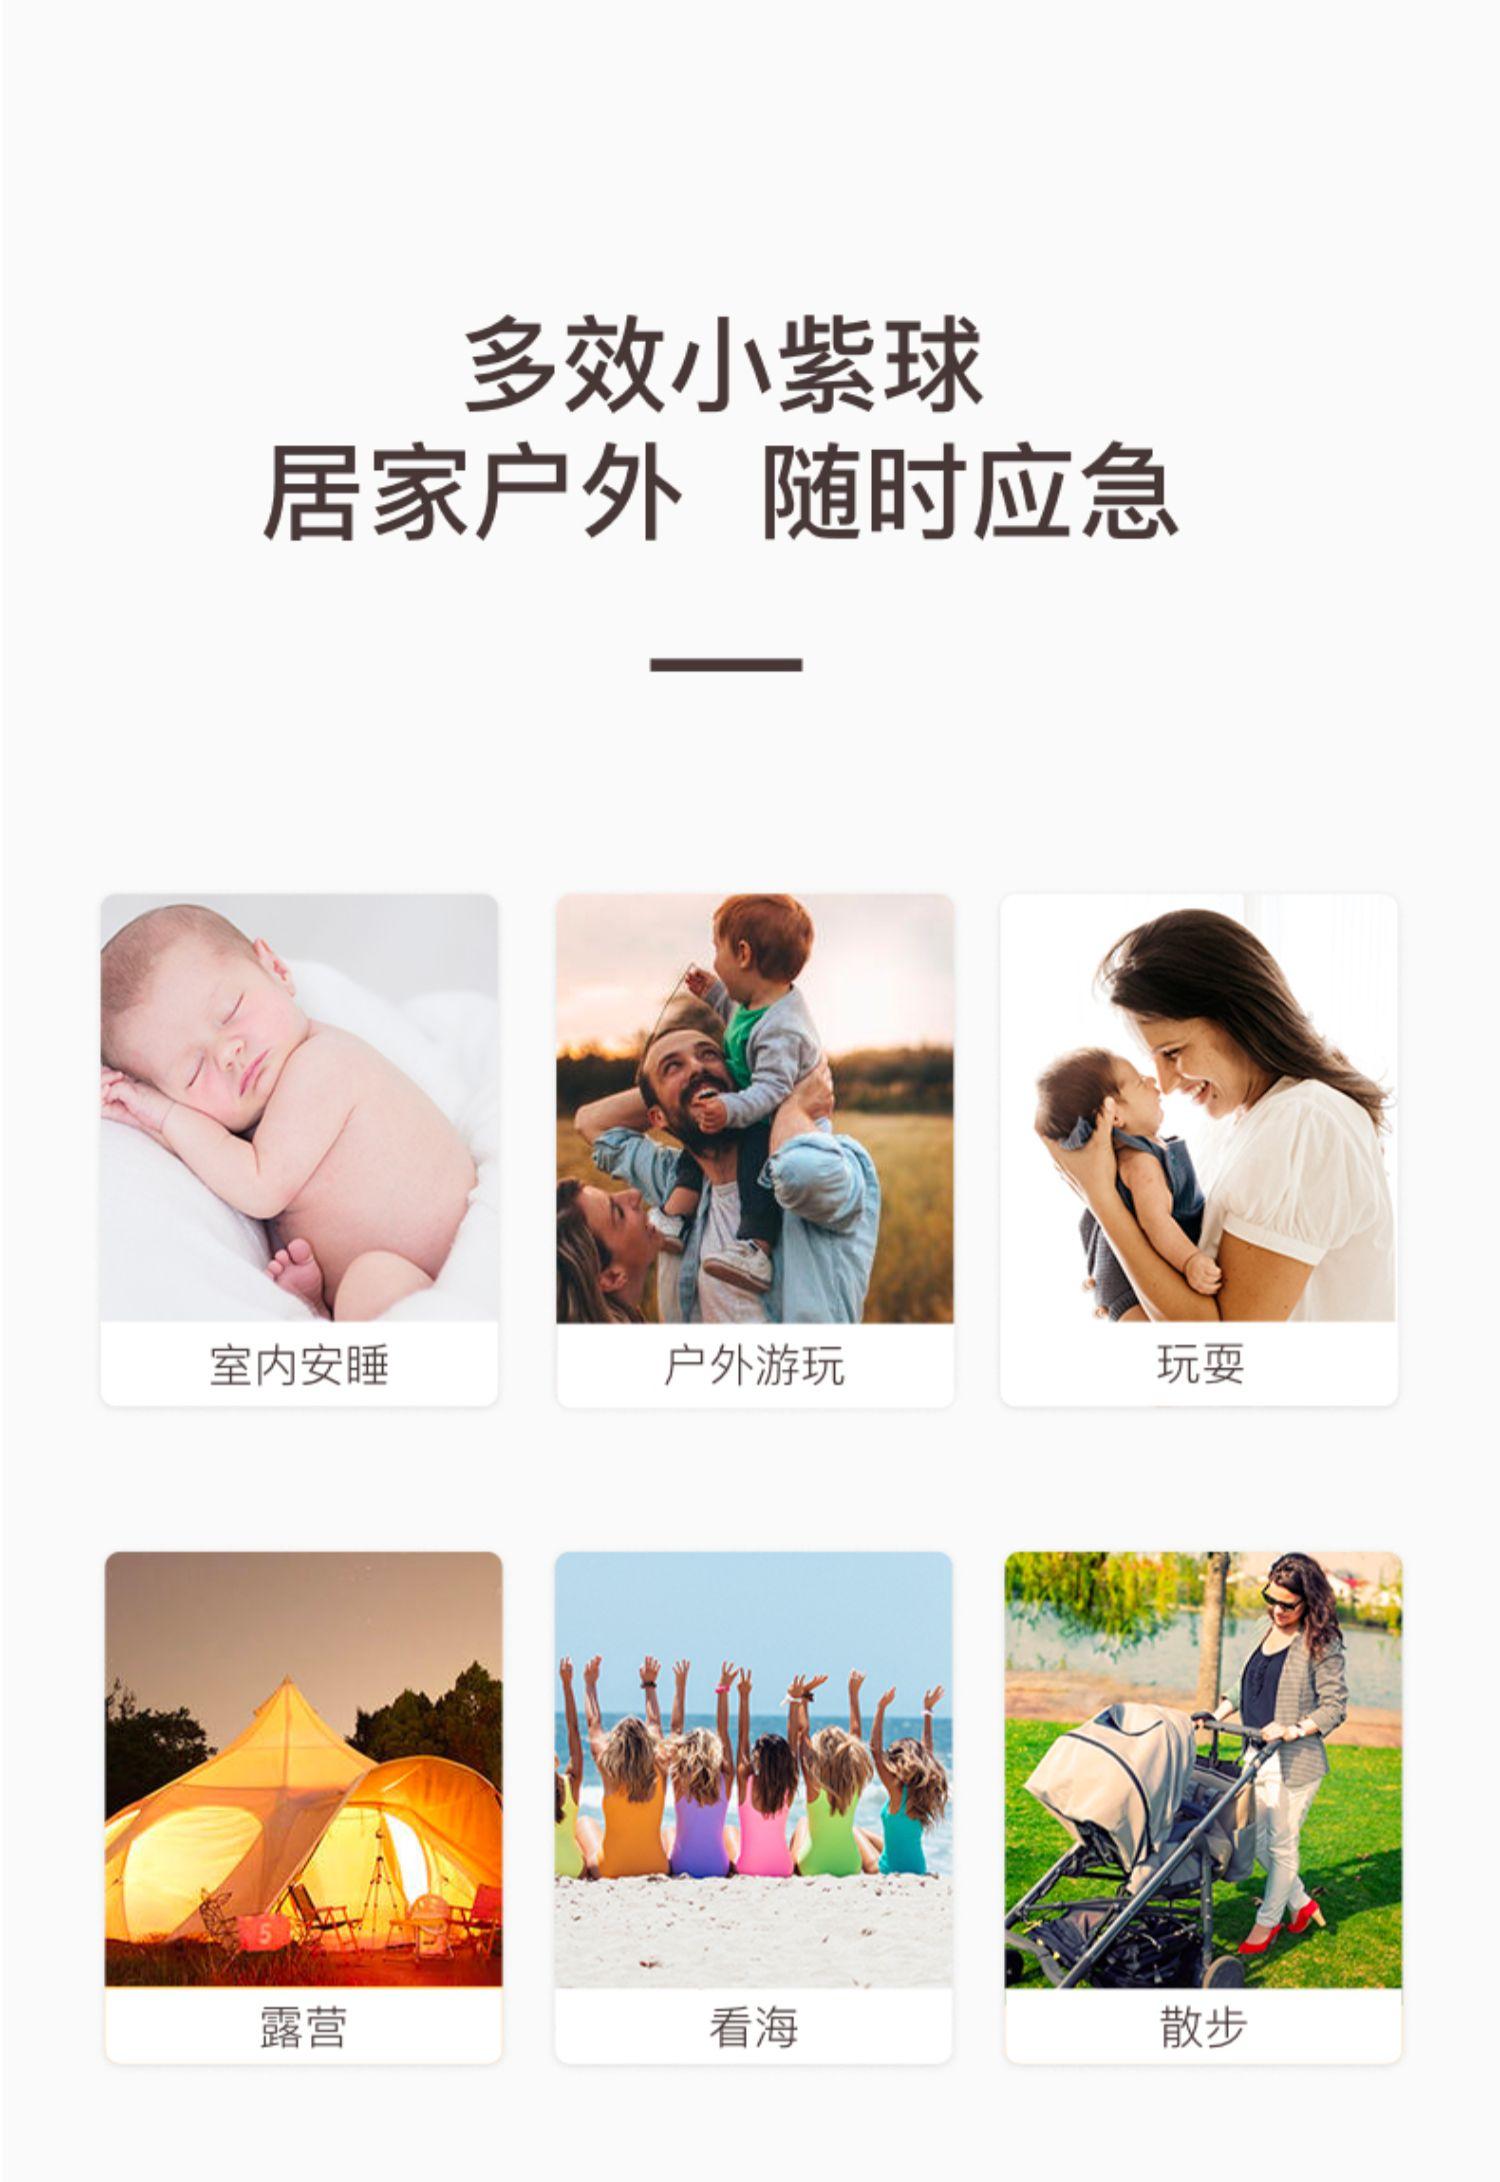 【雪梨推荐】奇妙时光紫草膏止痒膏4